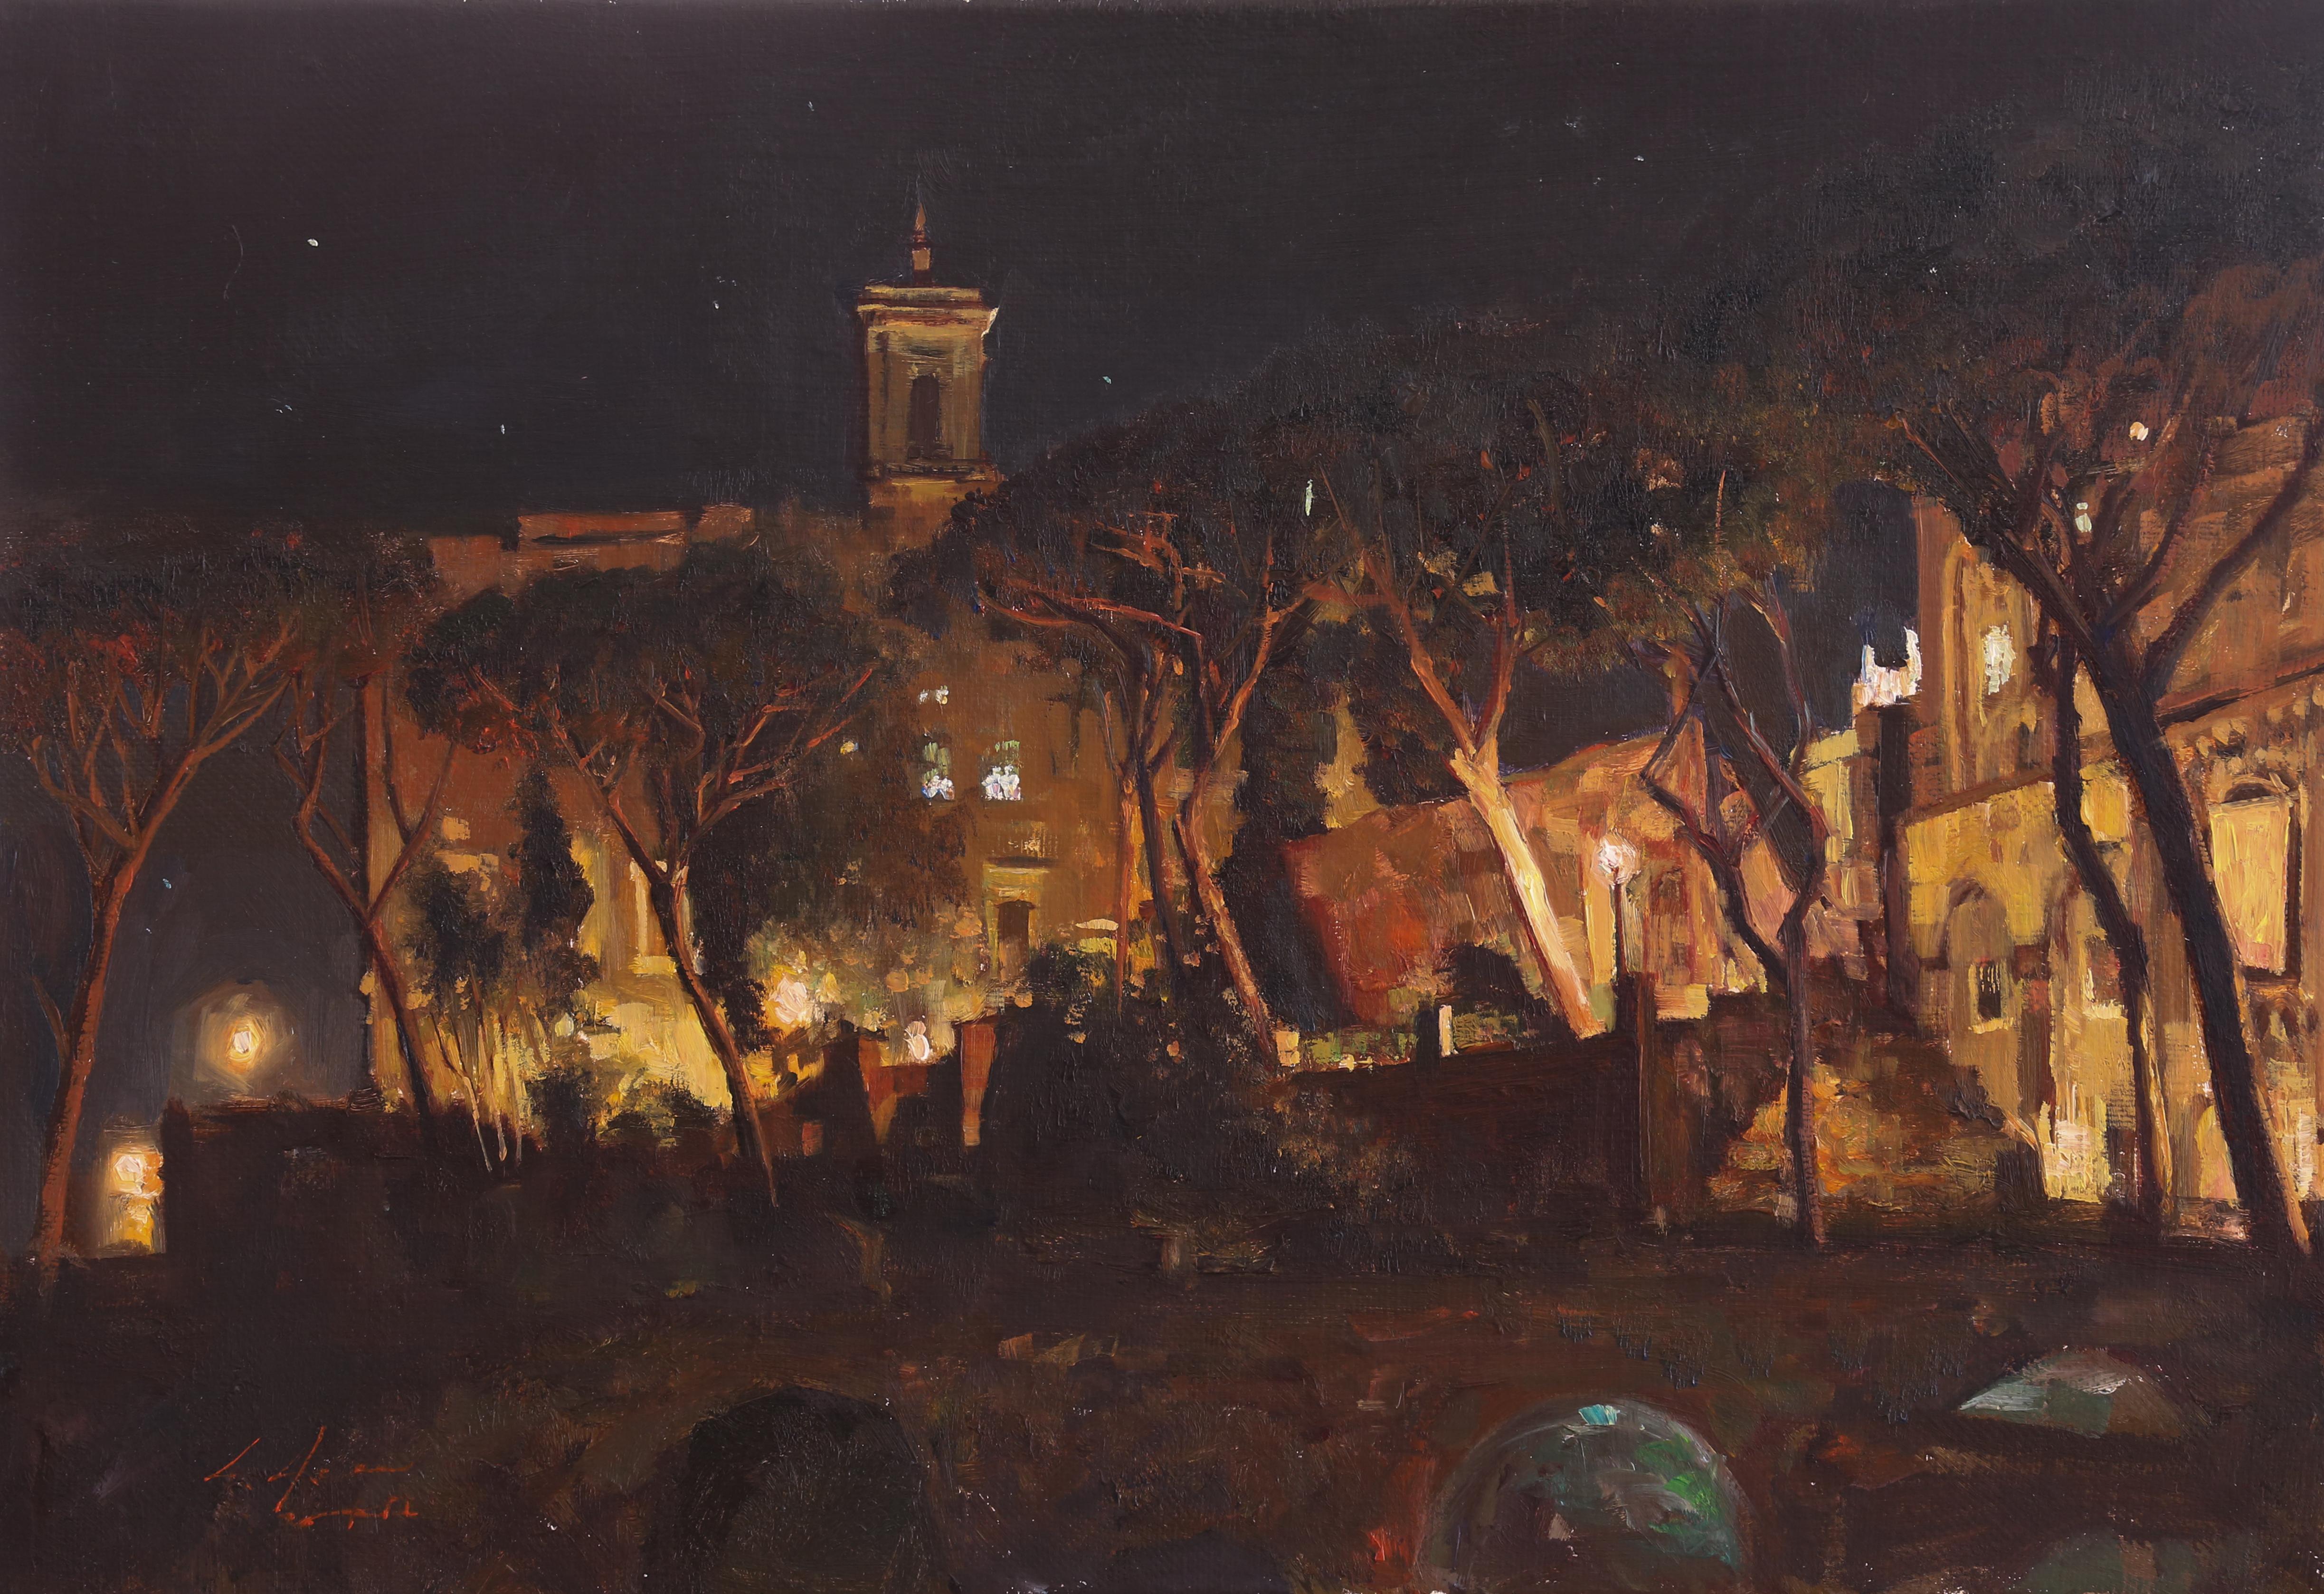 신화의 도시 40.8x28 Oil on canvas 2014